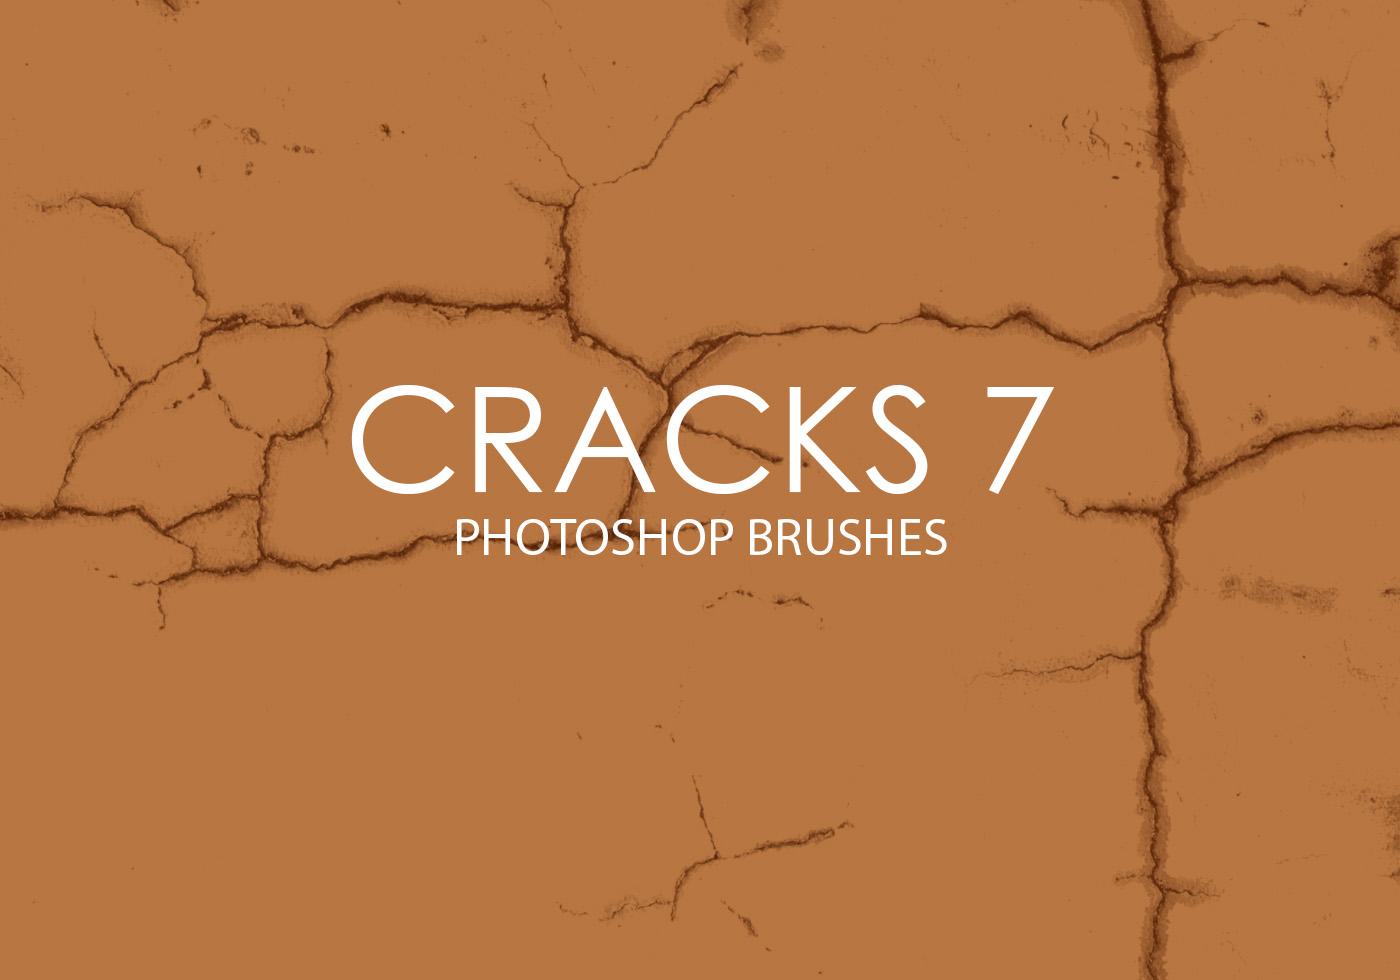 free cracks photoshop brushes 7